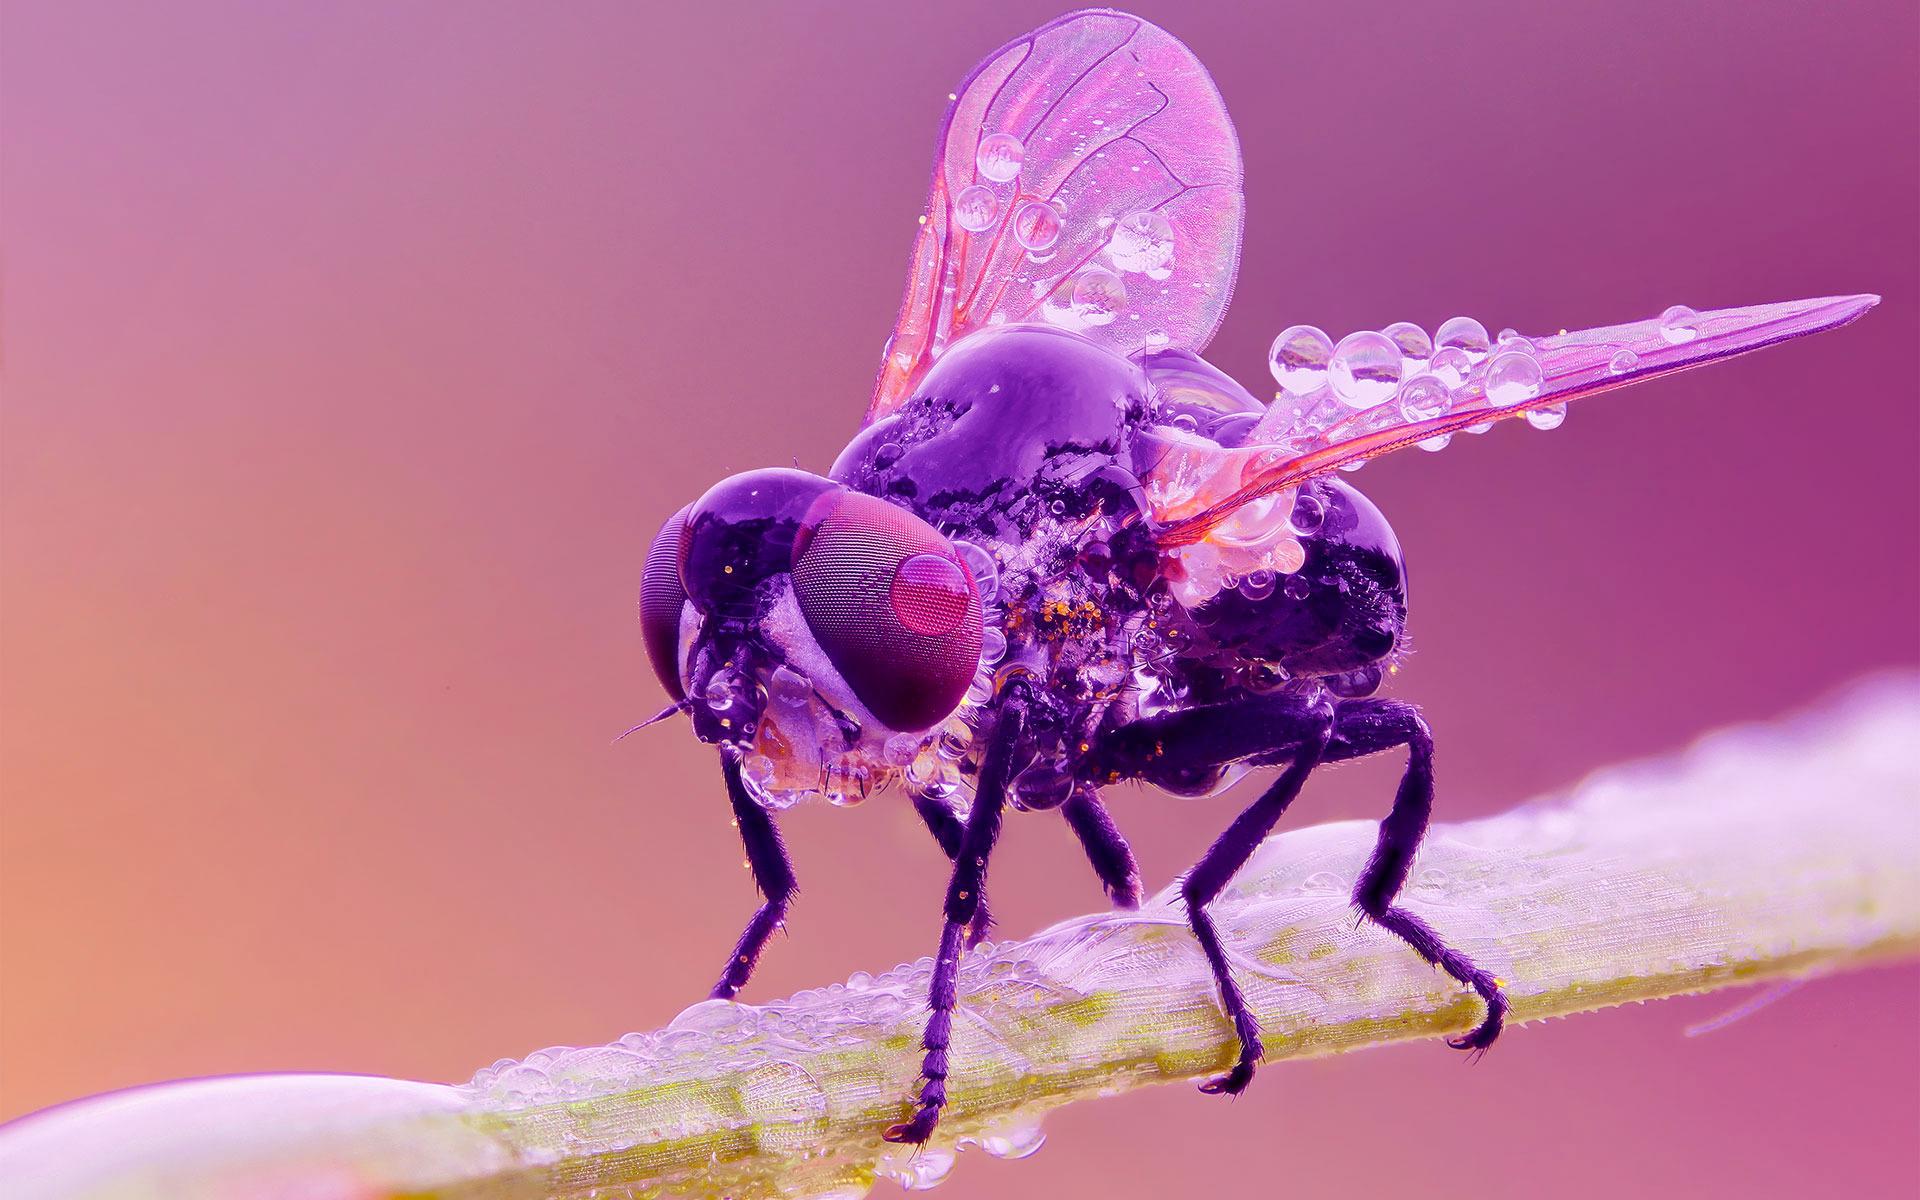 Механическая муха без смс